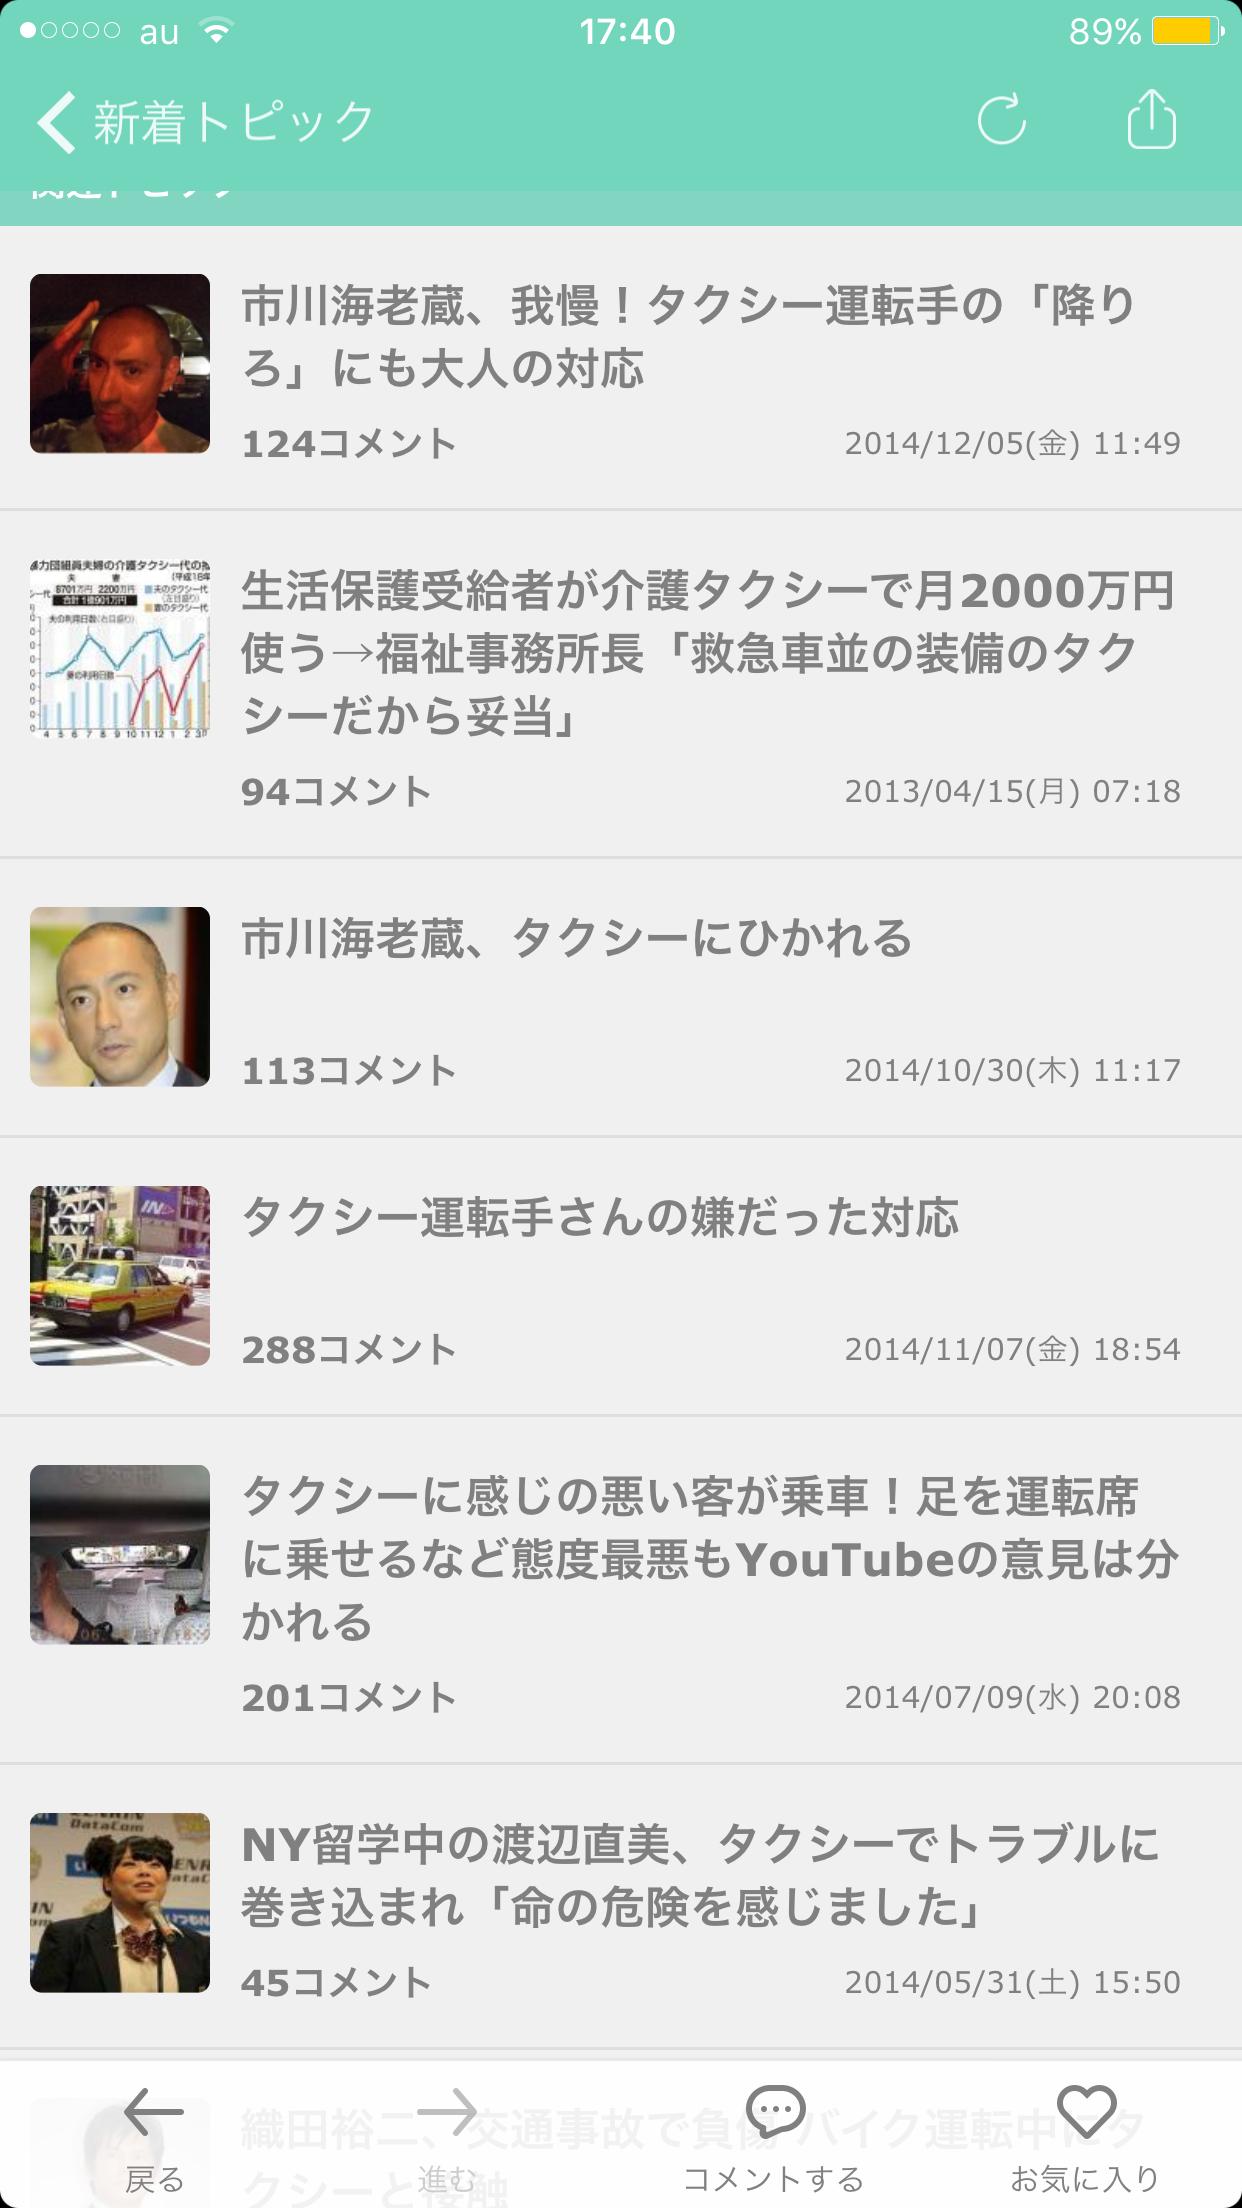 「俺んち行って」市川海老蔵と渡辺直美、横柄すぎる態度にタクシー運転手から悪評噴出!